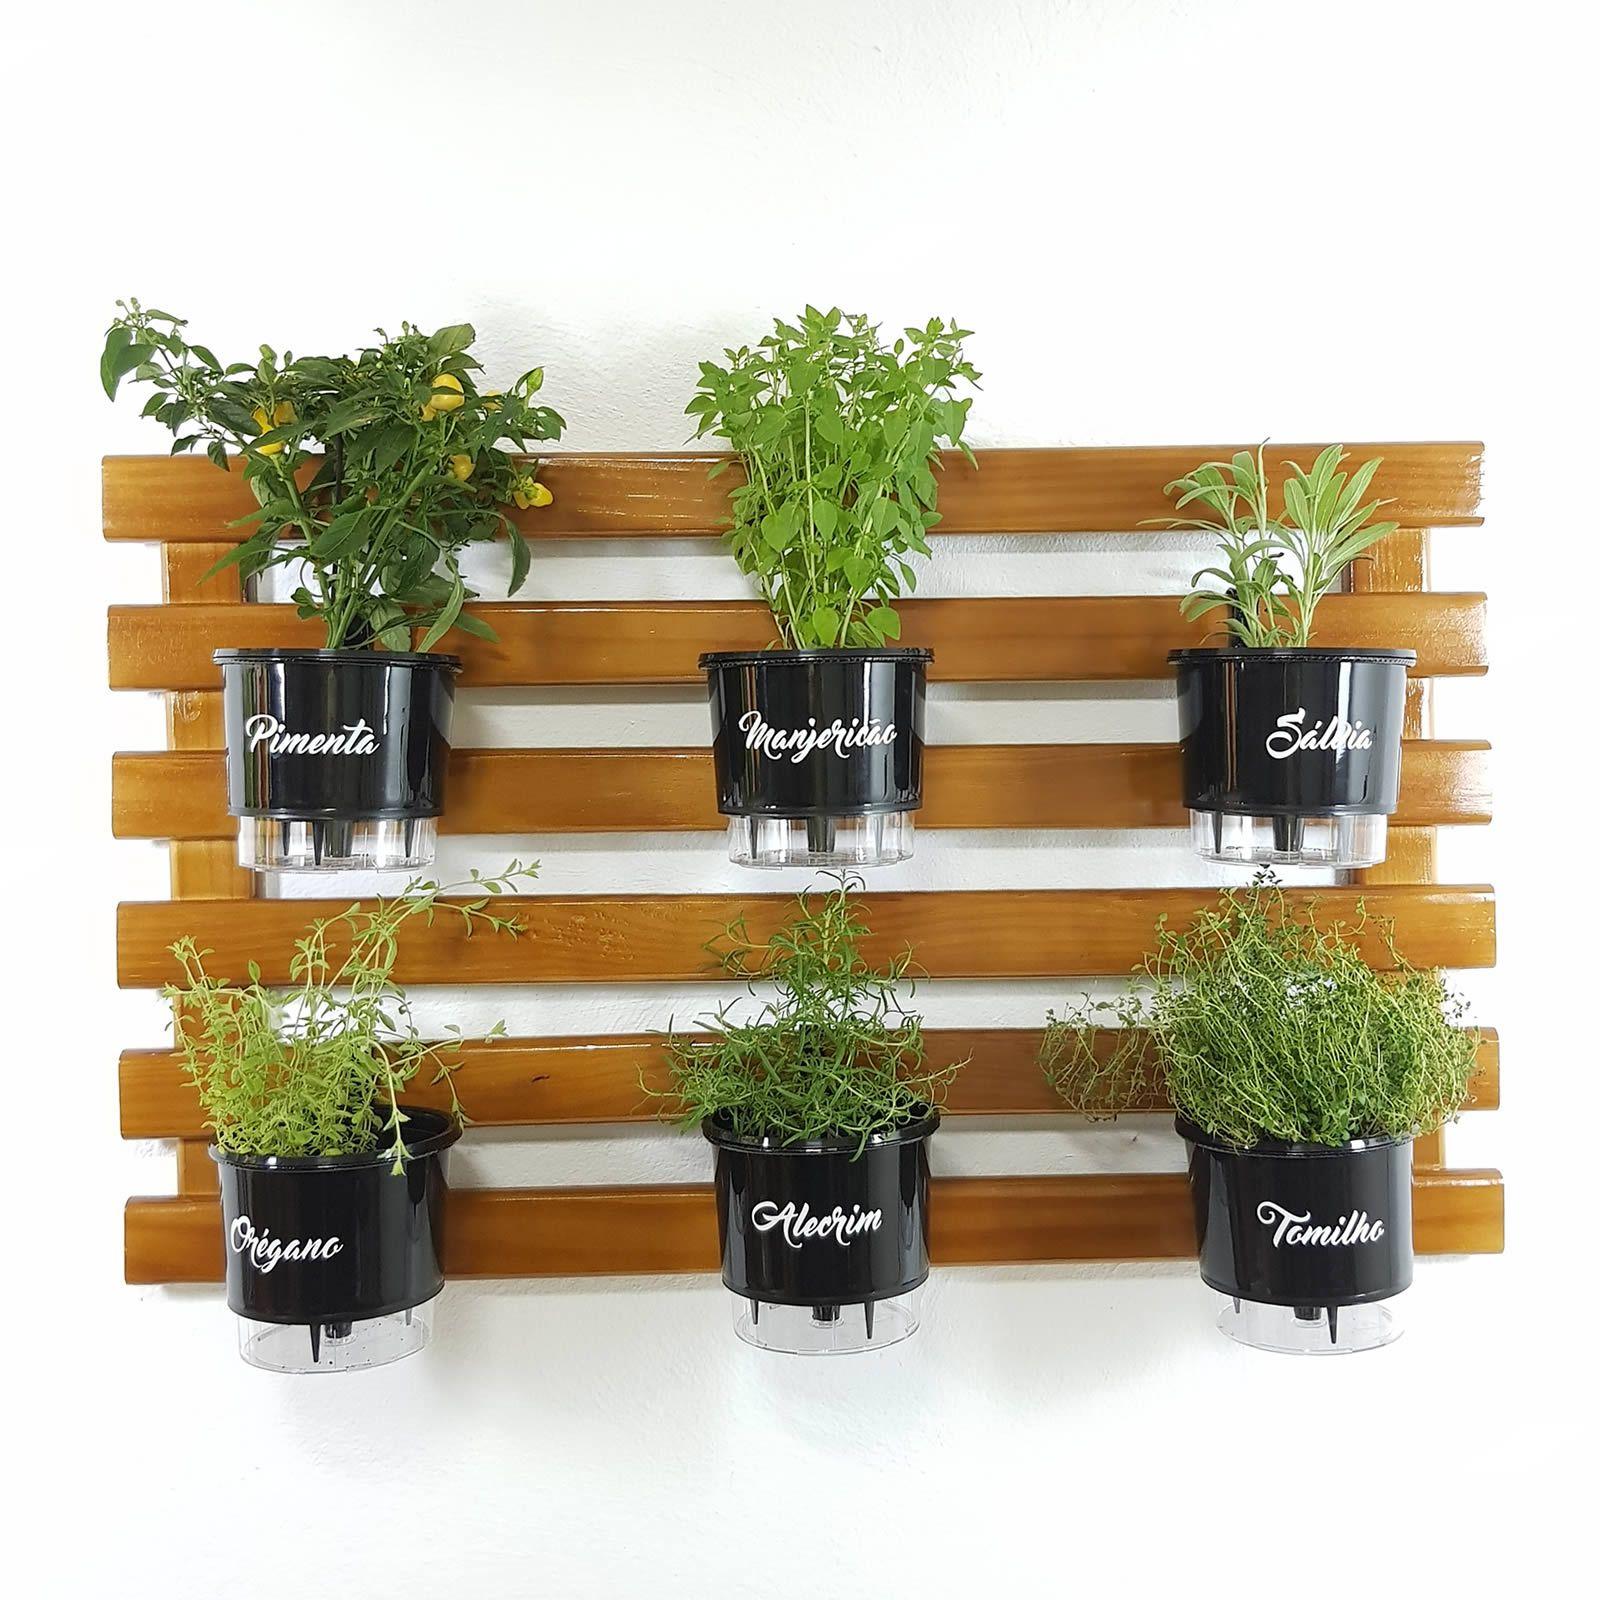 Horta Vertical Imbuia 60x100cm com 6 suportes e 6 Vasos Auto Irrigáveis Gourmet Pretos